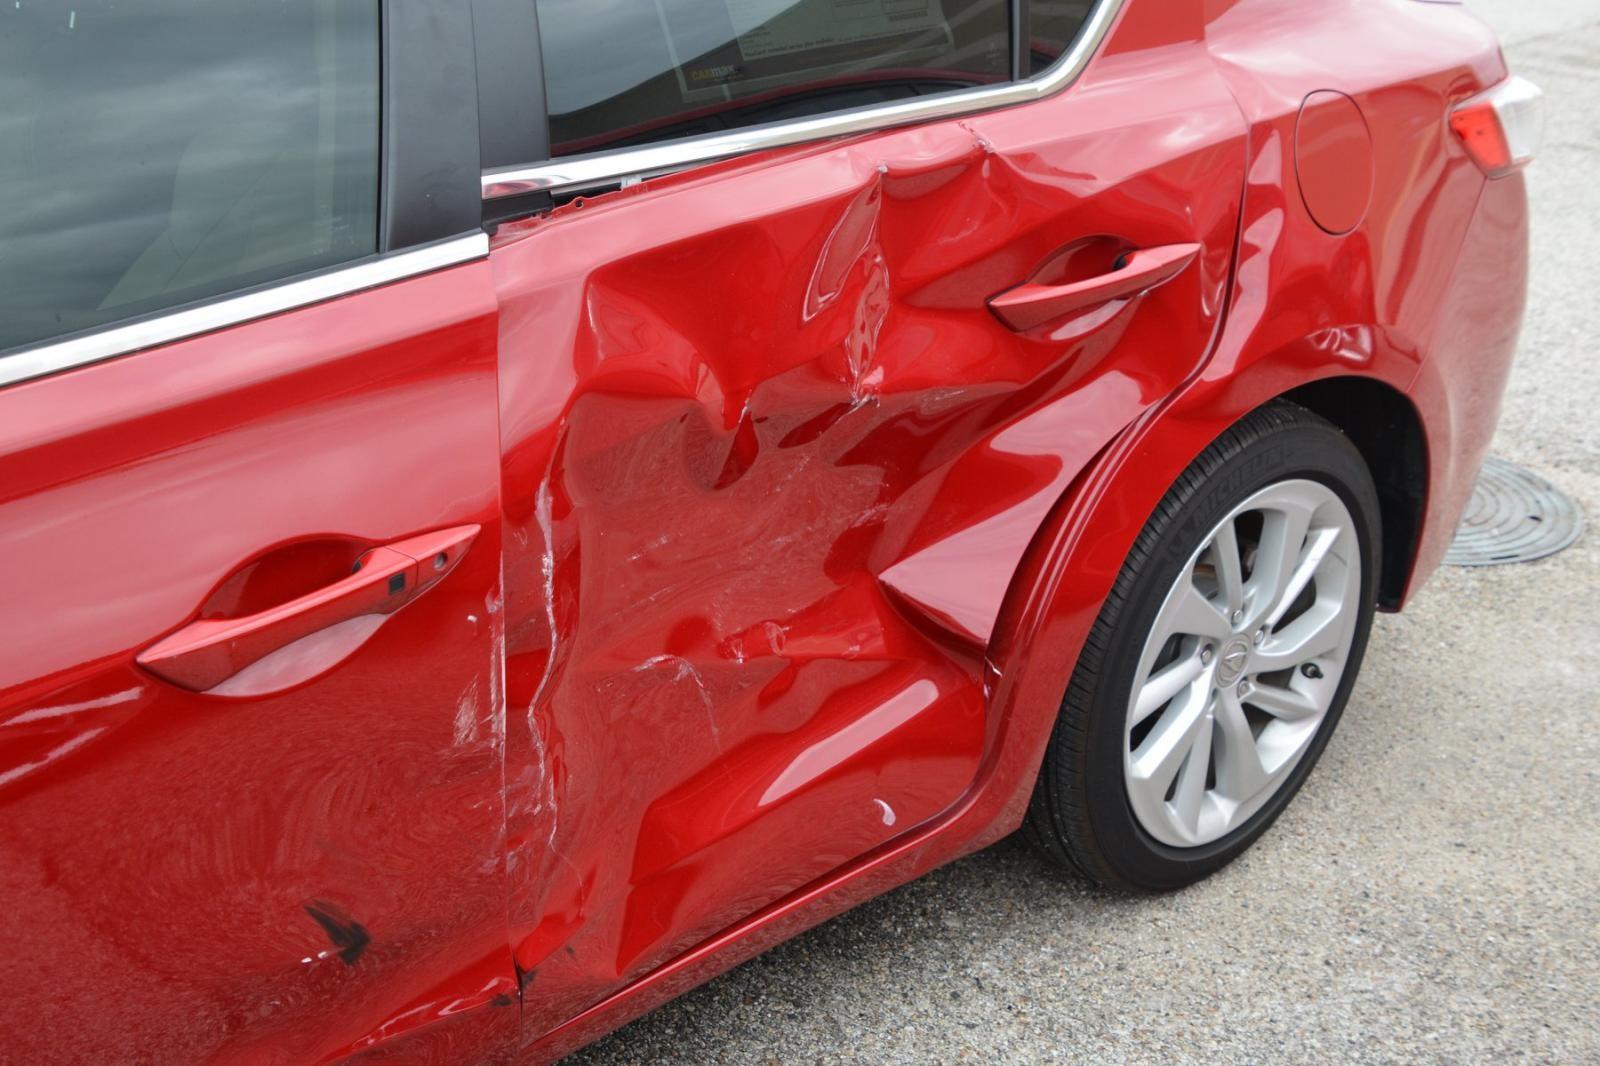 Chiếc Acura màu đỏ là một nạn nhân trong vụ phá hoại của nhóm 4 thiếu niên